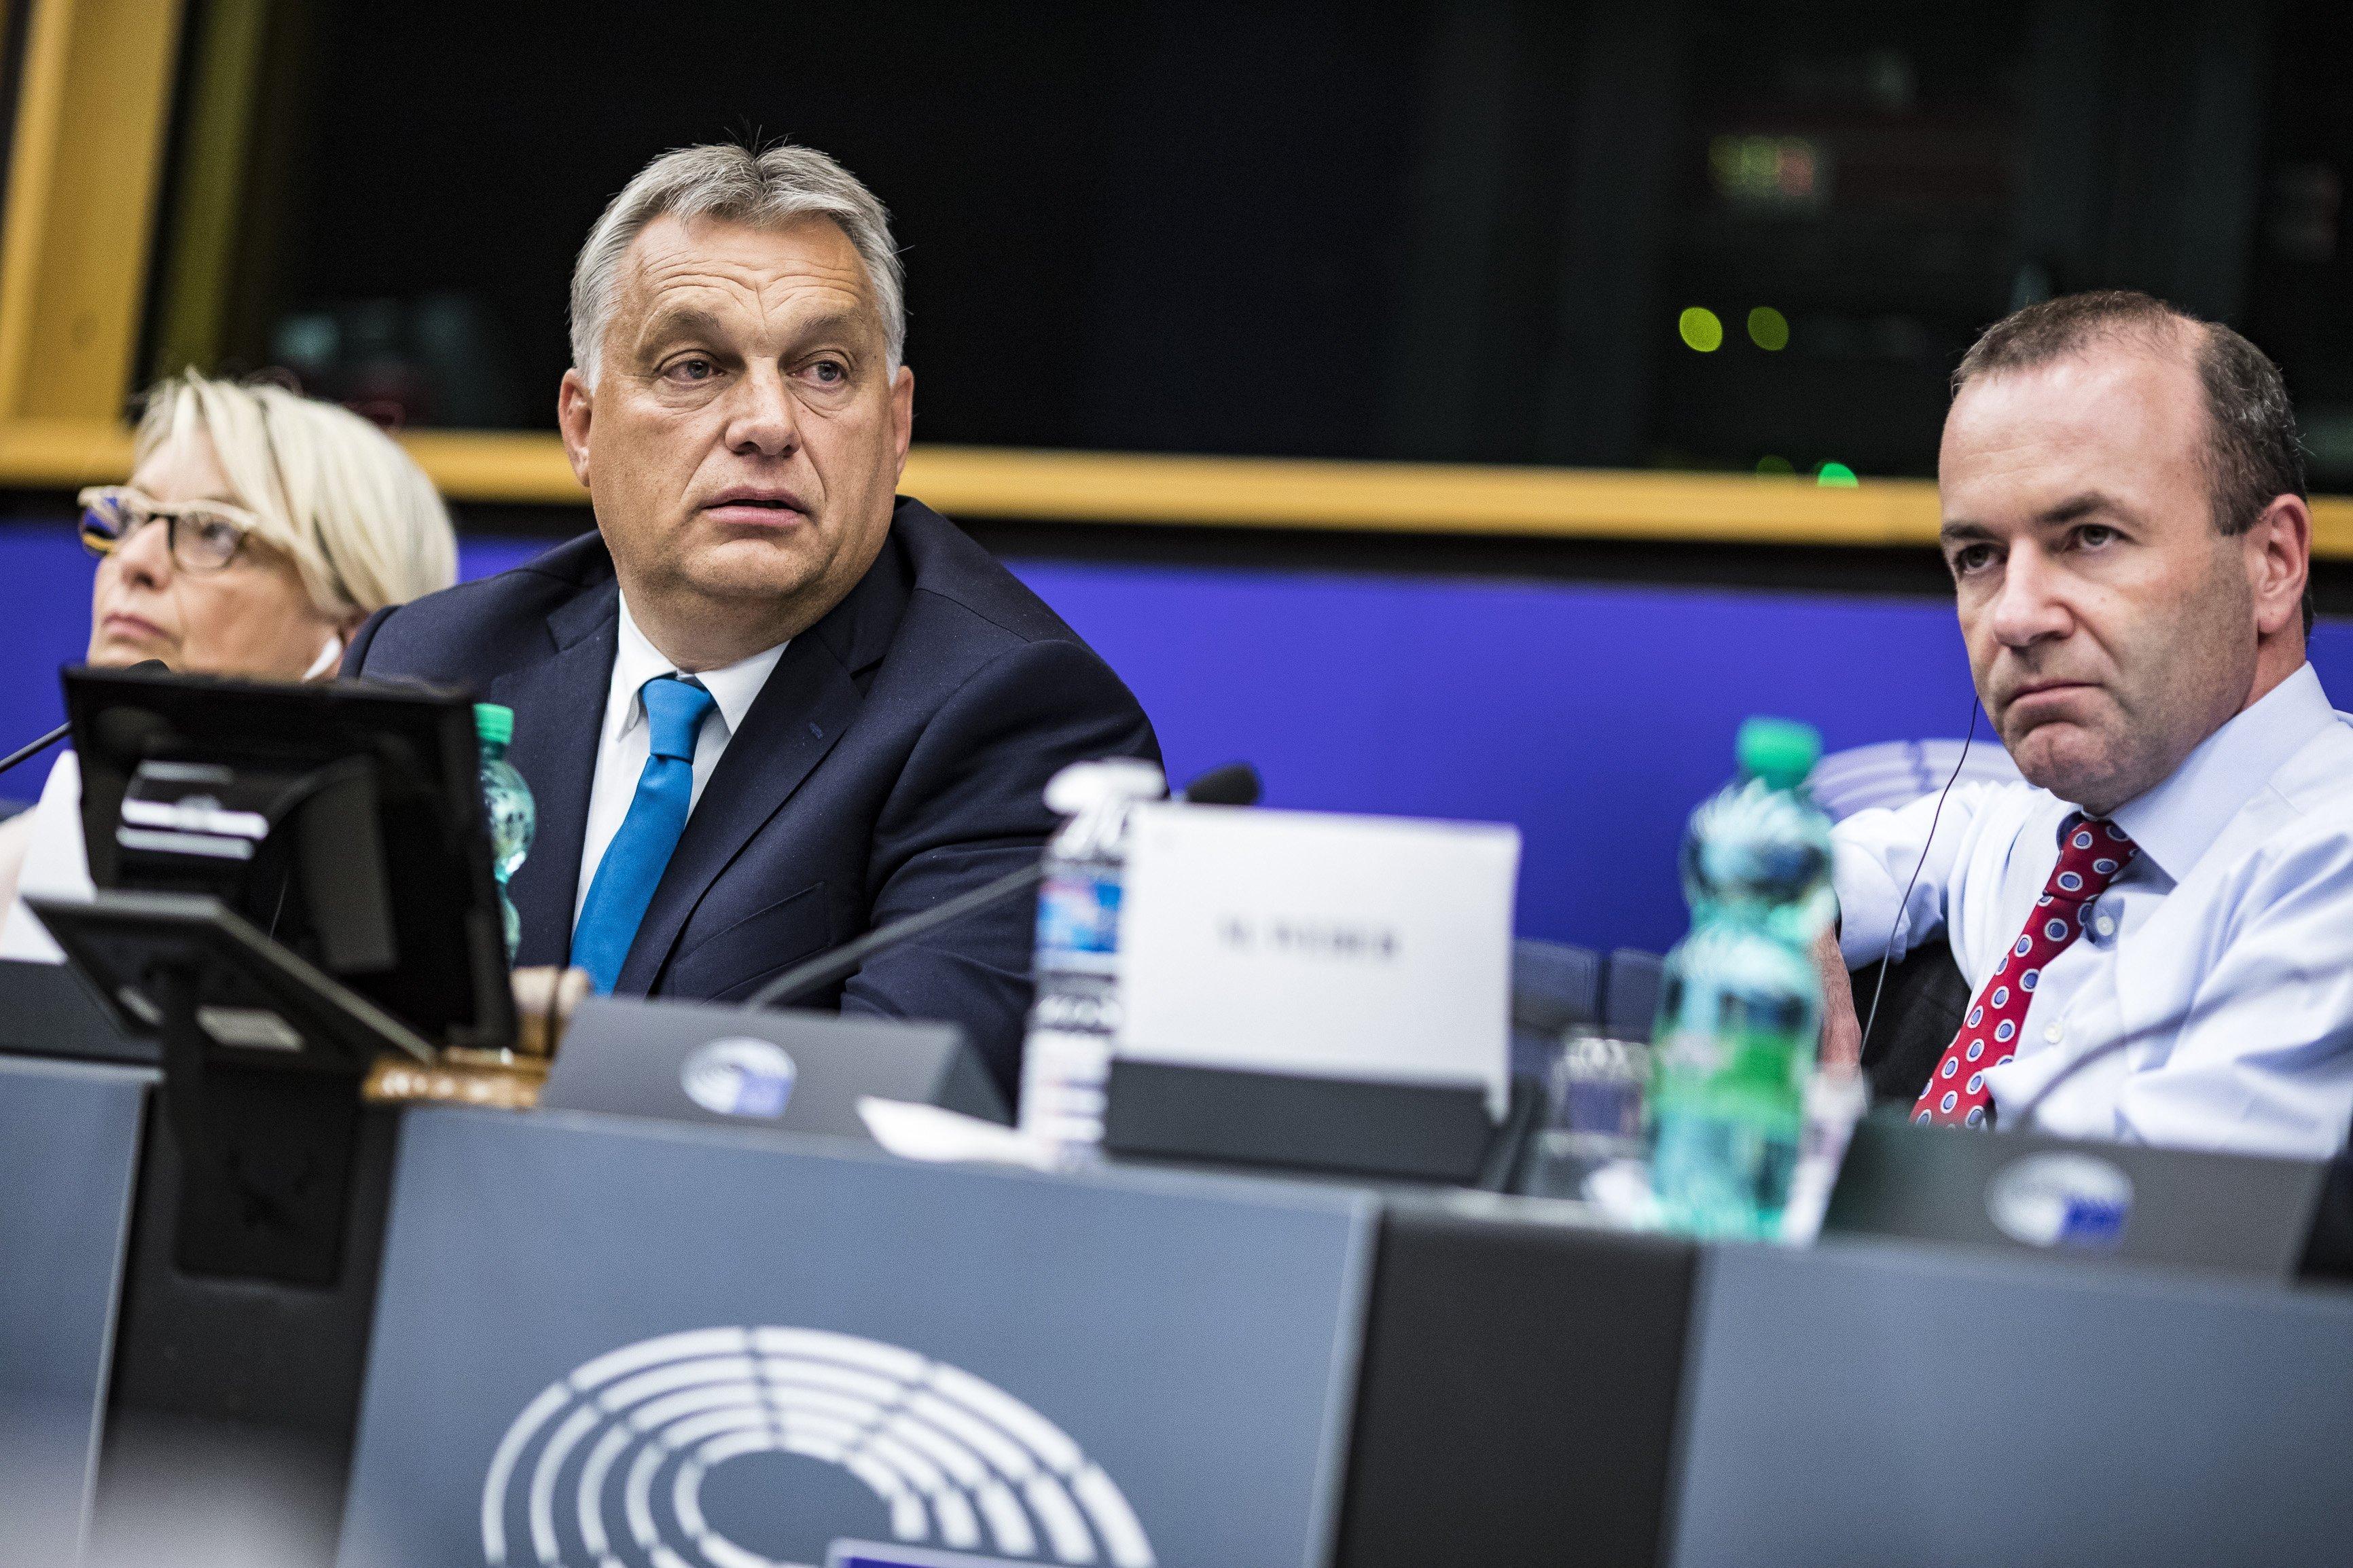 Itt a levél, amiben Orbán belengeti a kilépést a Néppártból